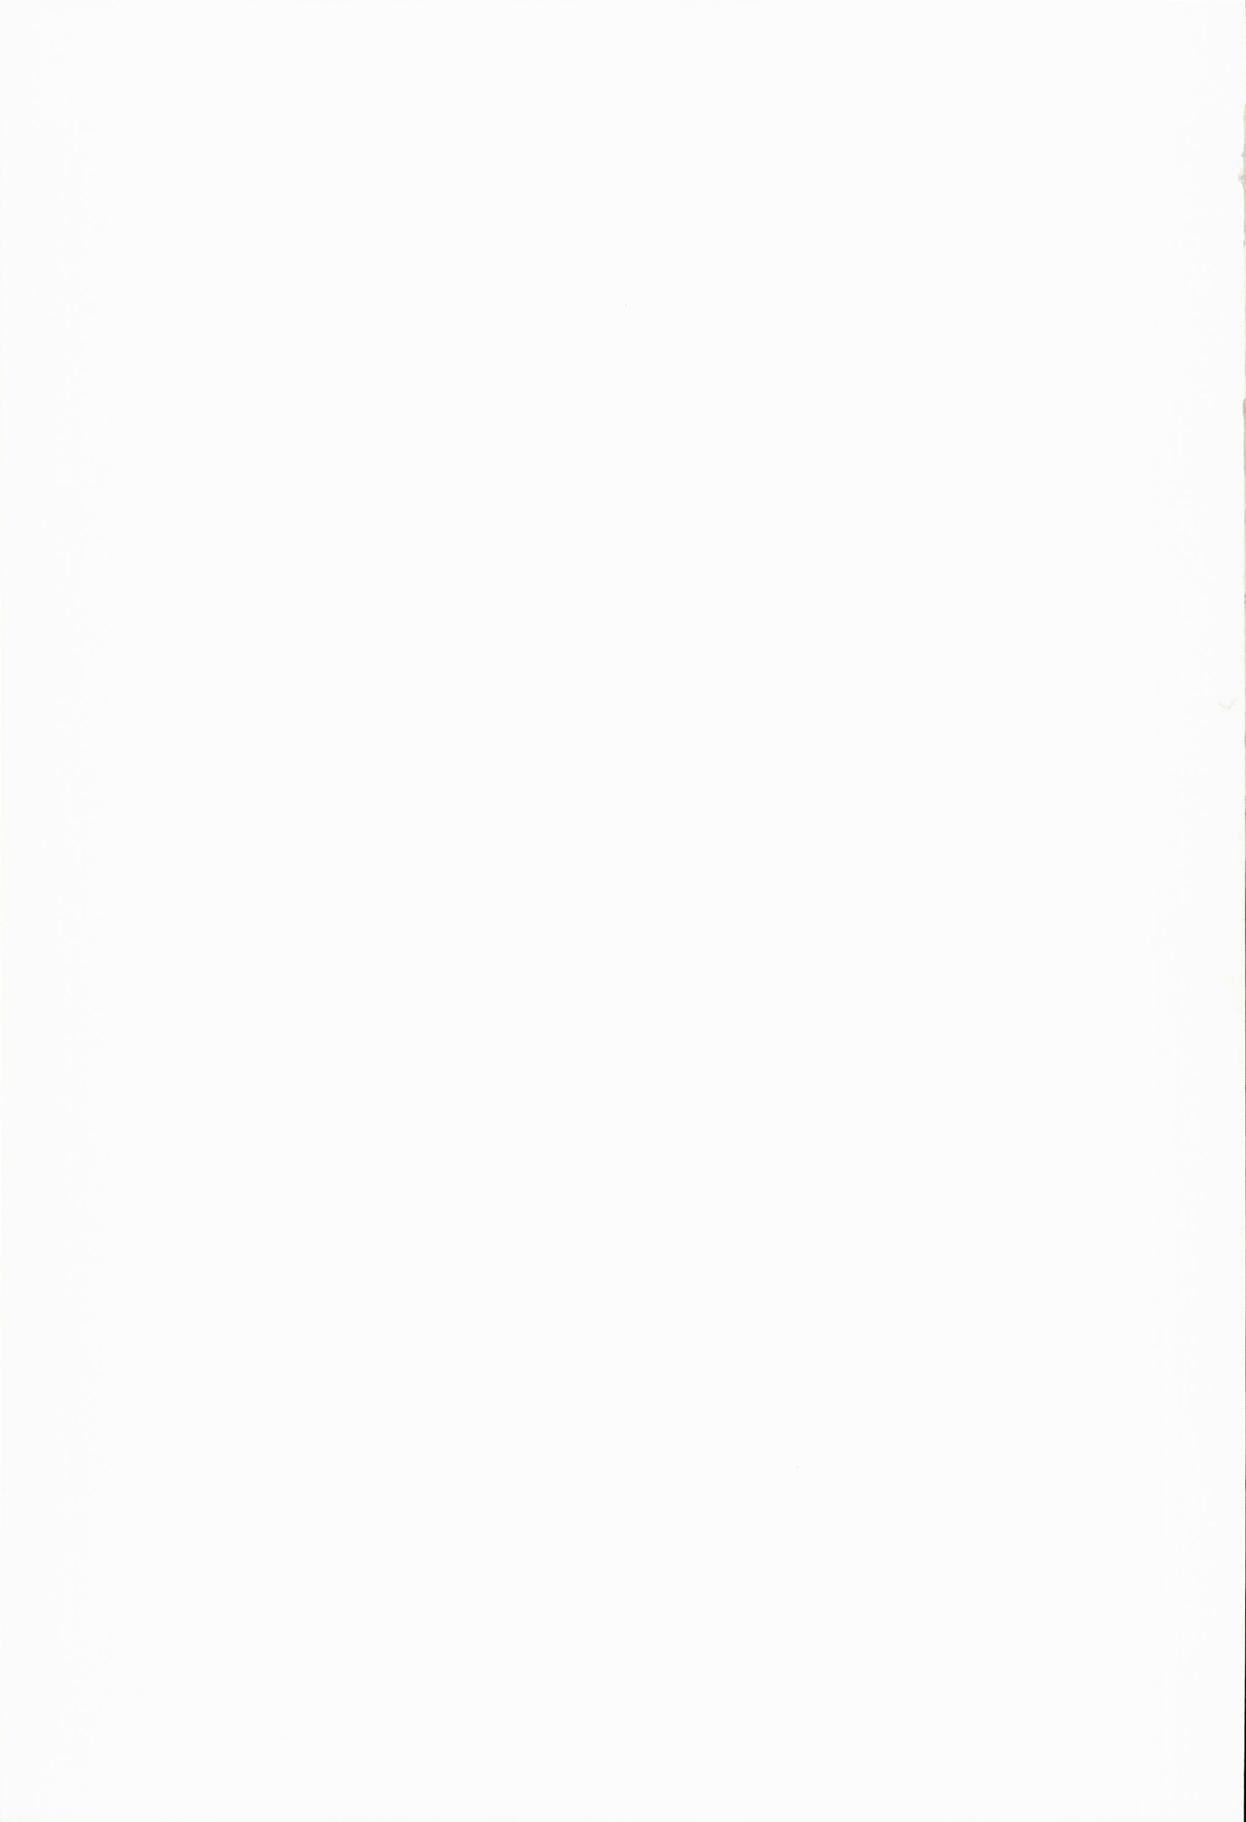 (COMIC1☆8) [Akuten Soushin (Kokutou Nikke)] Kan-musu Chakunin Akitsu-maru Nyuudo Choukyou (Kantai Collection -KanColle-) 34